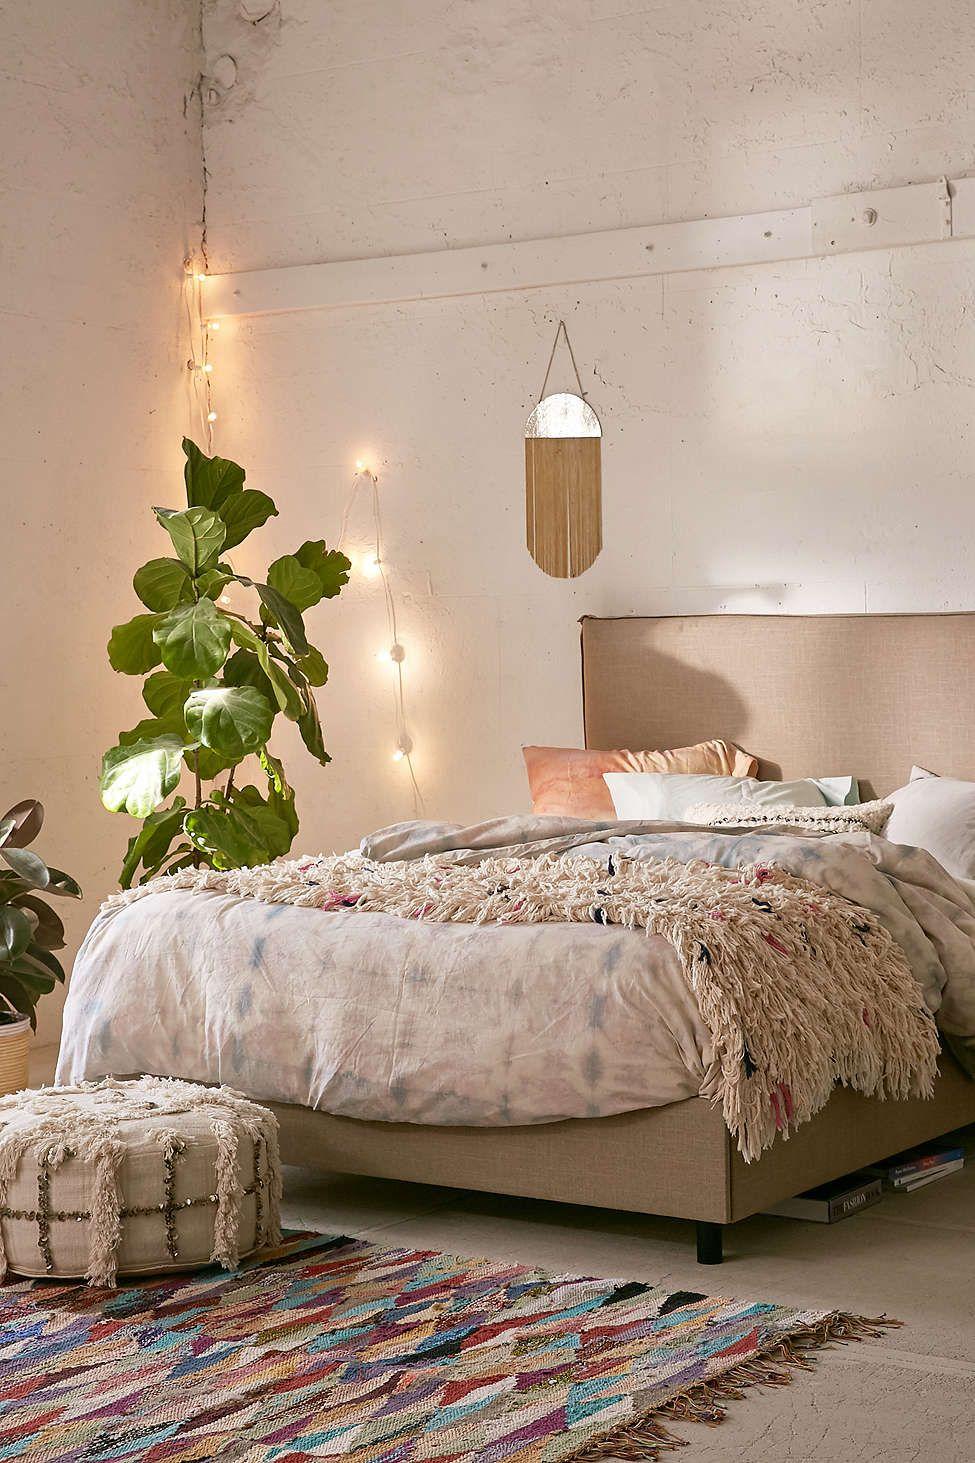 camille bed bedroom bedroom decor room decor tumblr. Black Bedroom Furniture Sets. Home Design Ideas